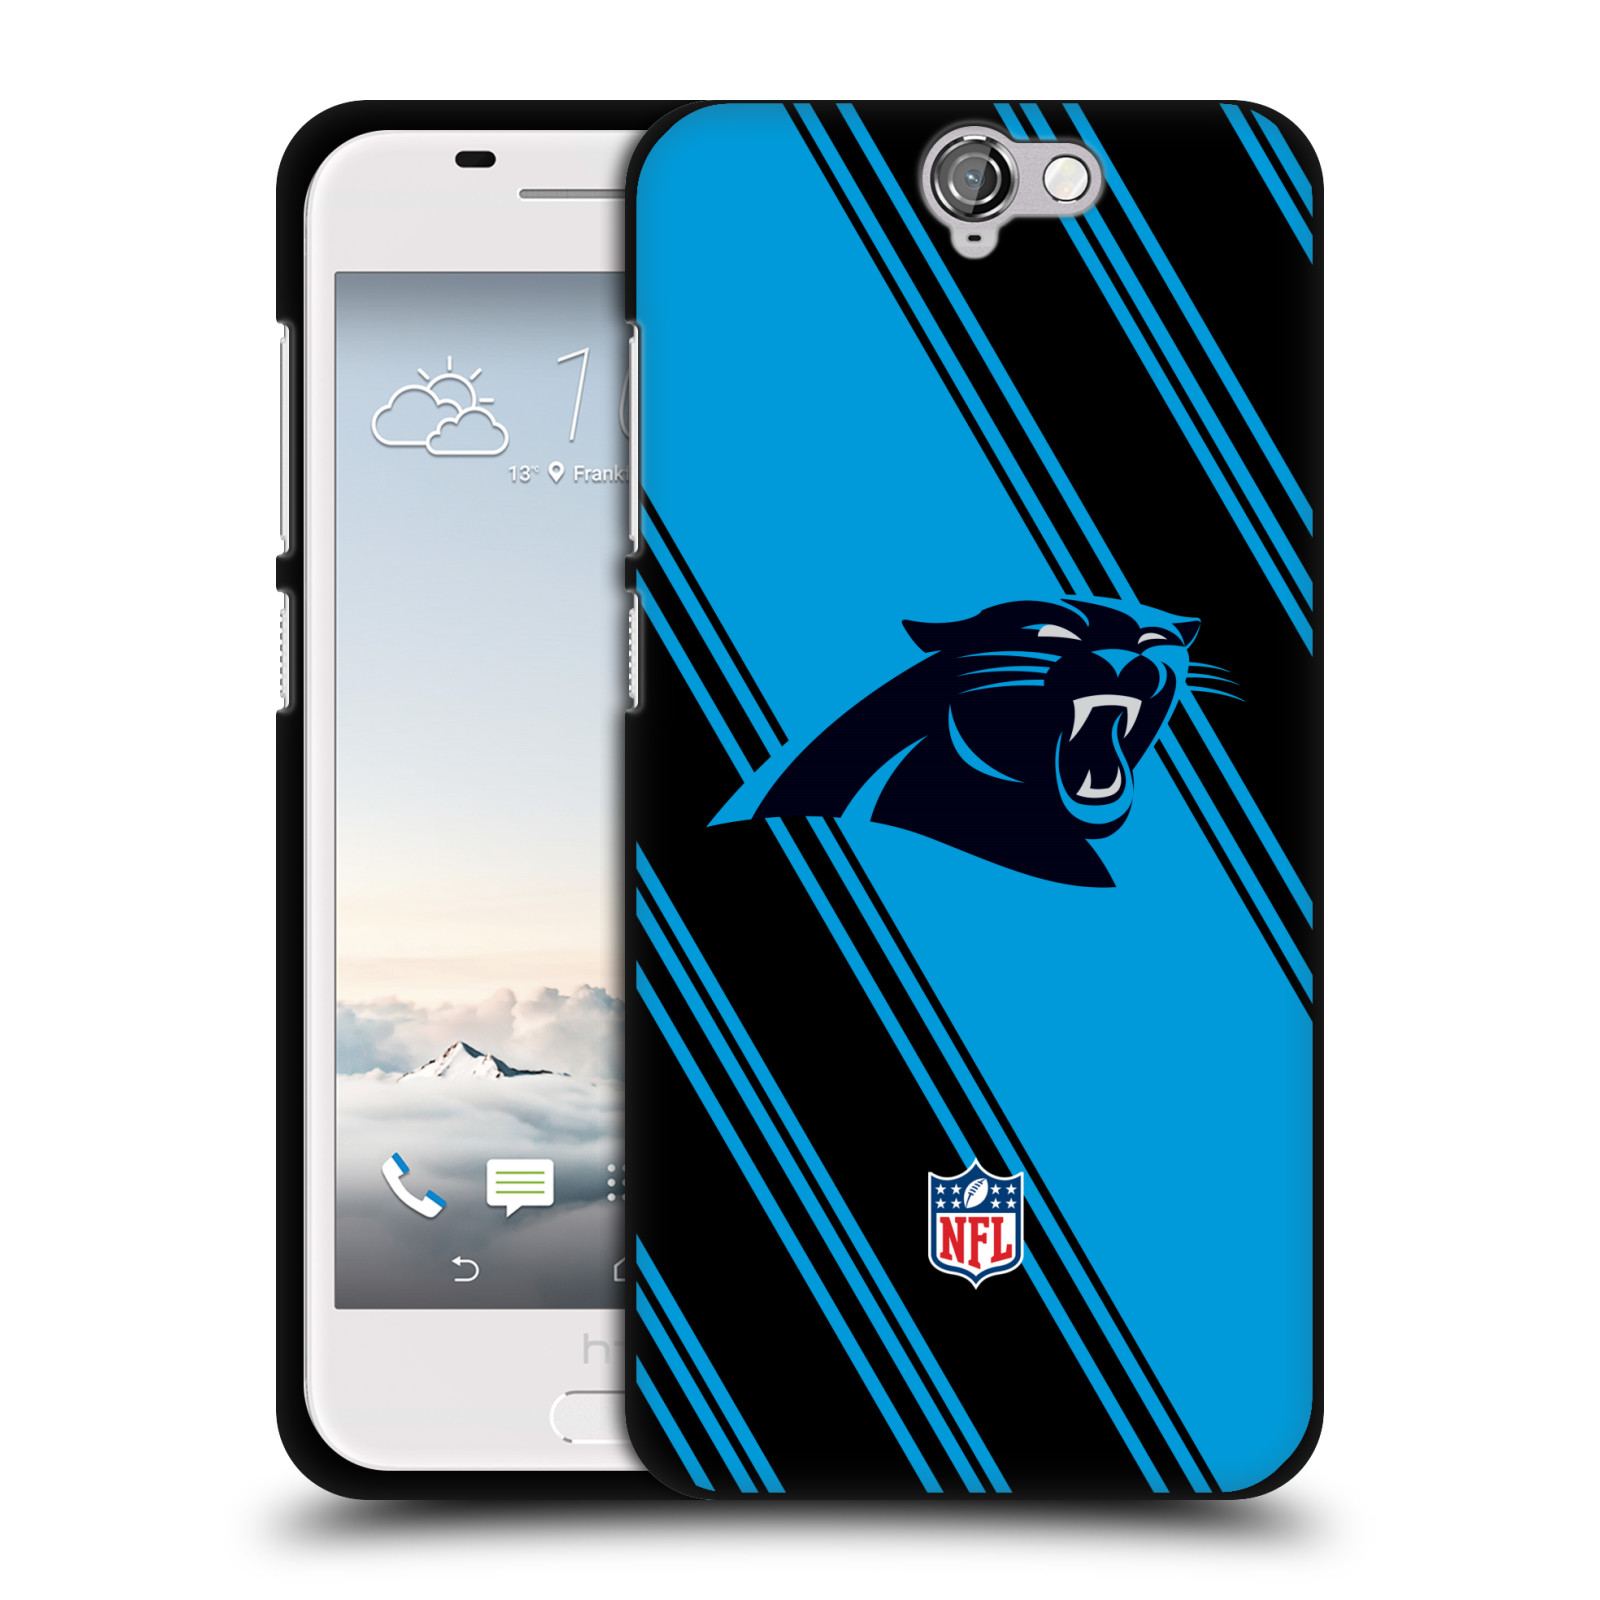 OFFICIAL-NFL-2017-18-CAROLINA-PANTHERS-BLACK-SOFT-GEL-CASE-FOR-HTC-PHONES